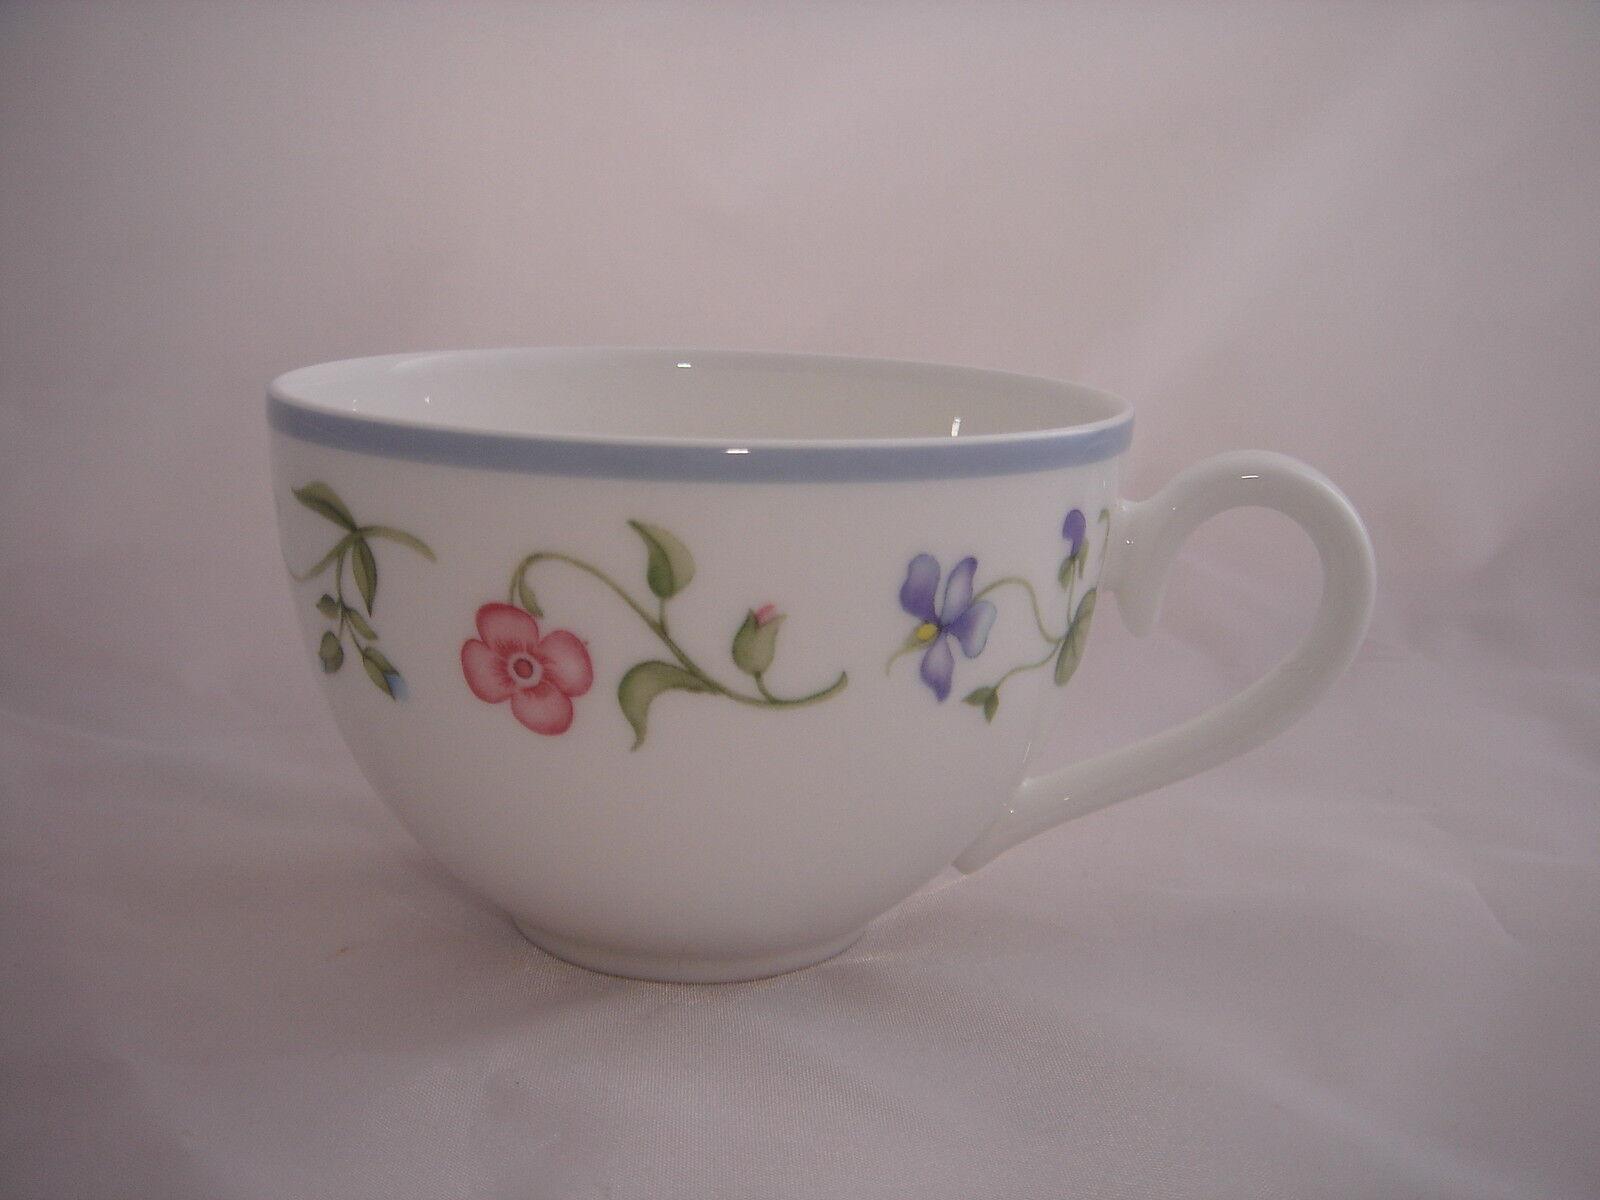 VILLEROY & BOCH V&B Fleurie 2 Kaffeetasse Kaffeetassen Tasse Tassen NEU H 6 Top     | Lebhaft und liebenswert